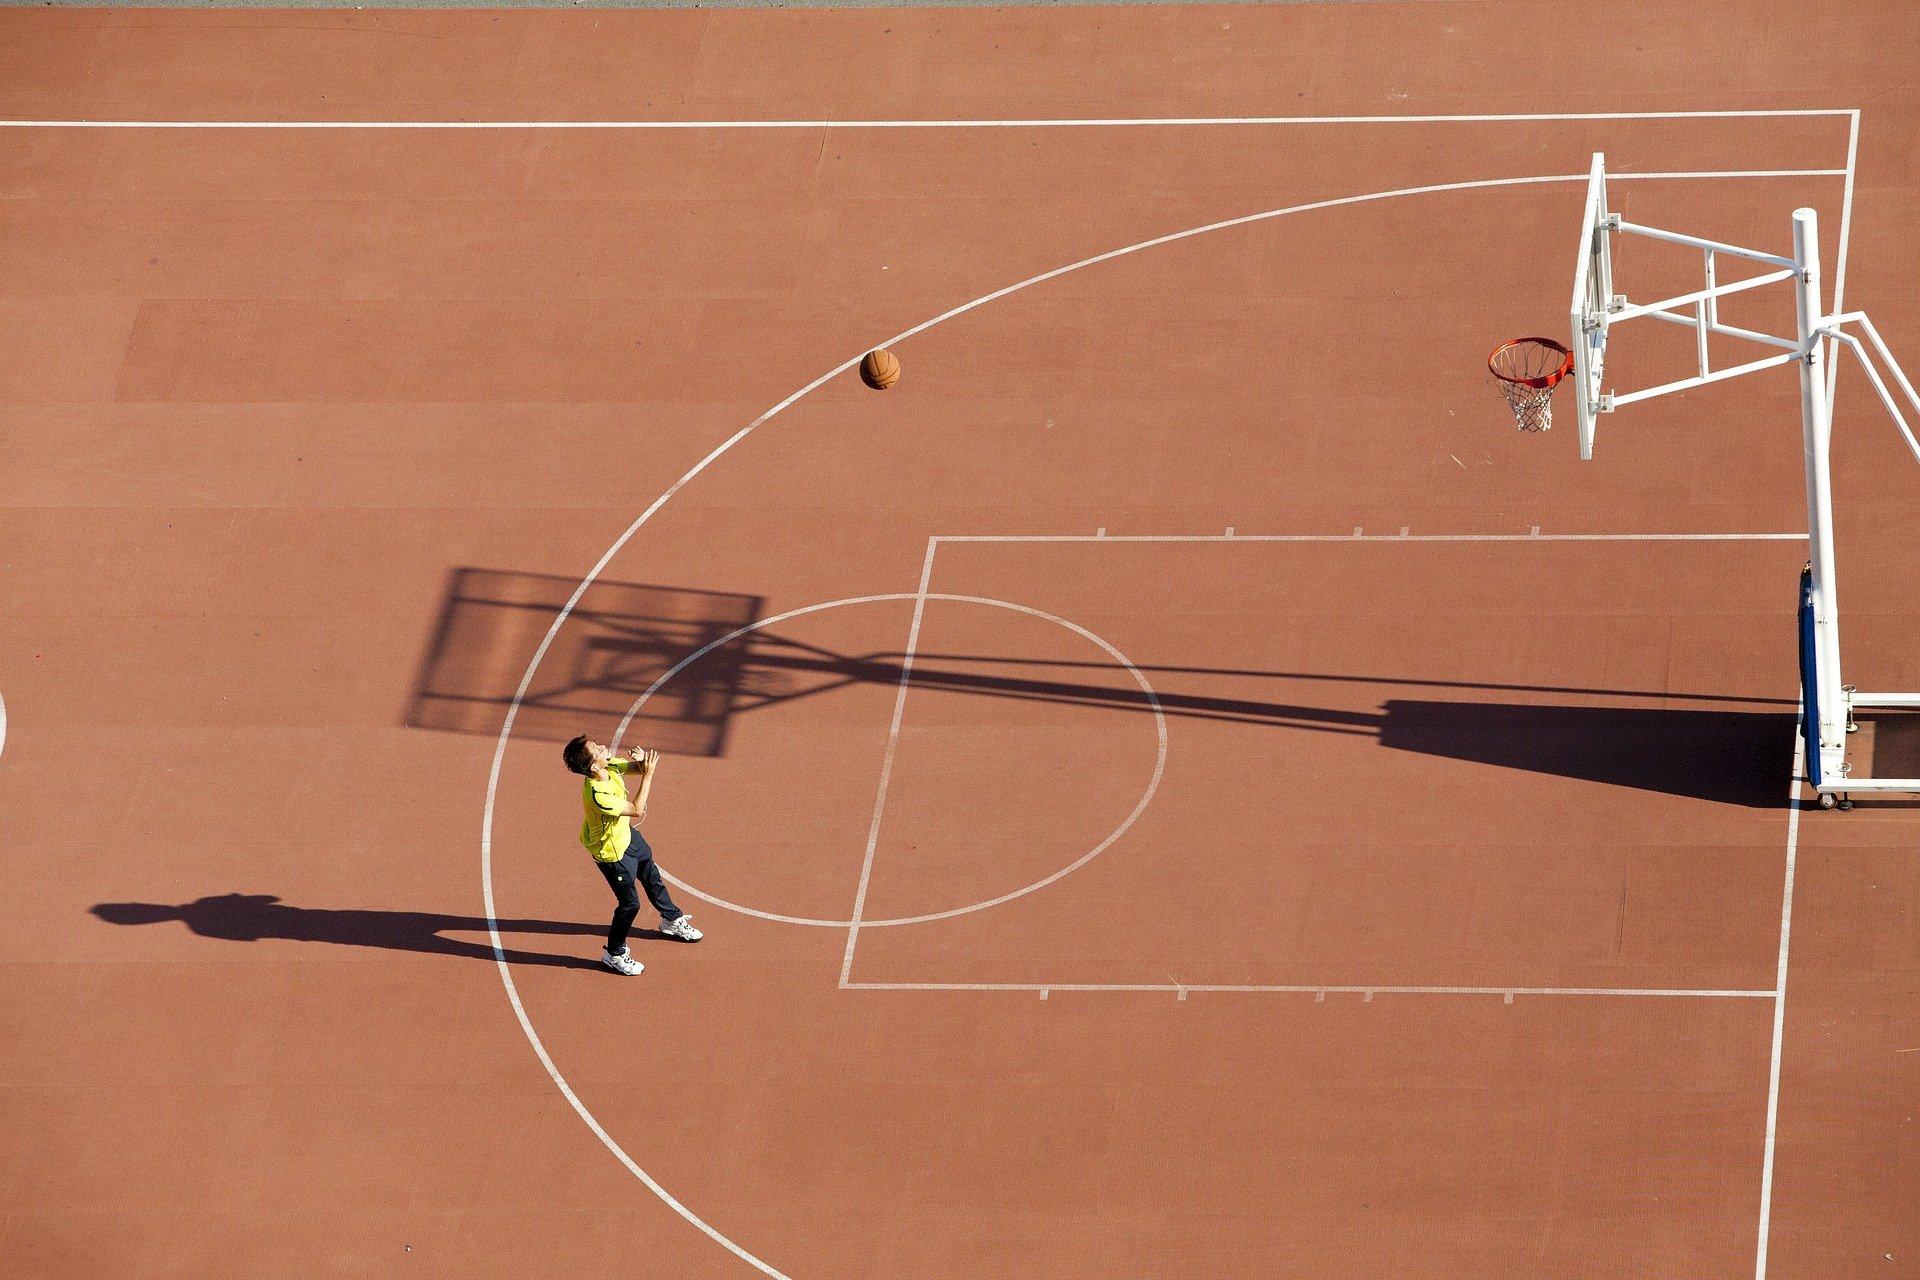 Locuitorii Sectorului 1 vor putea face sport în curțile școlilor și liceelor